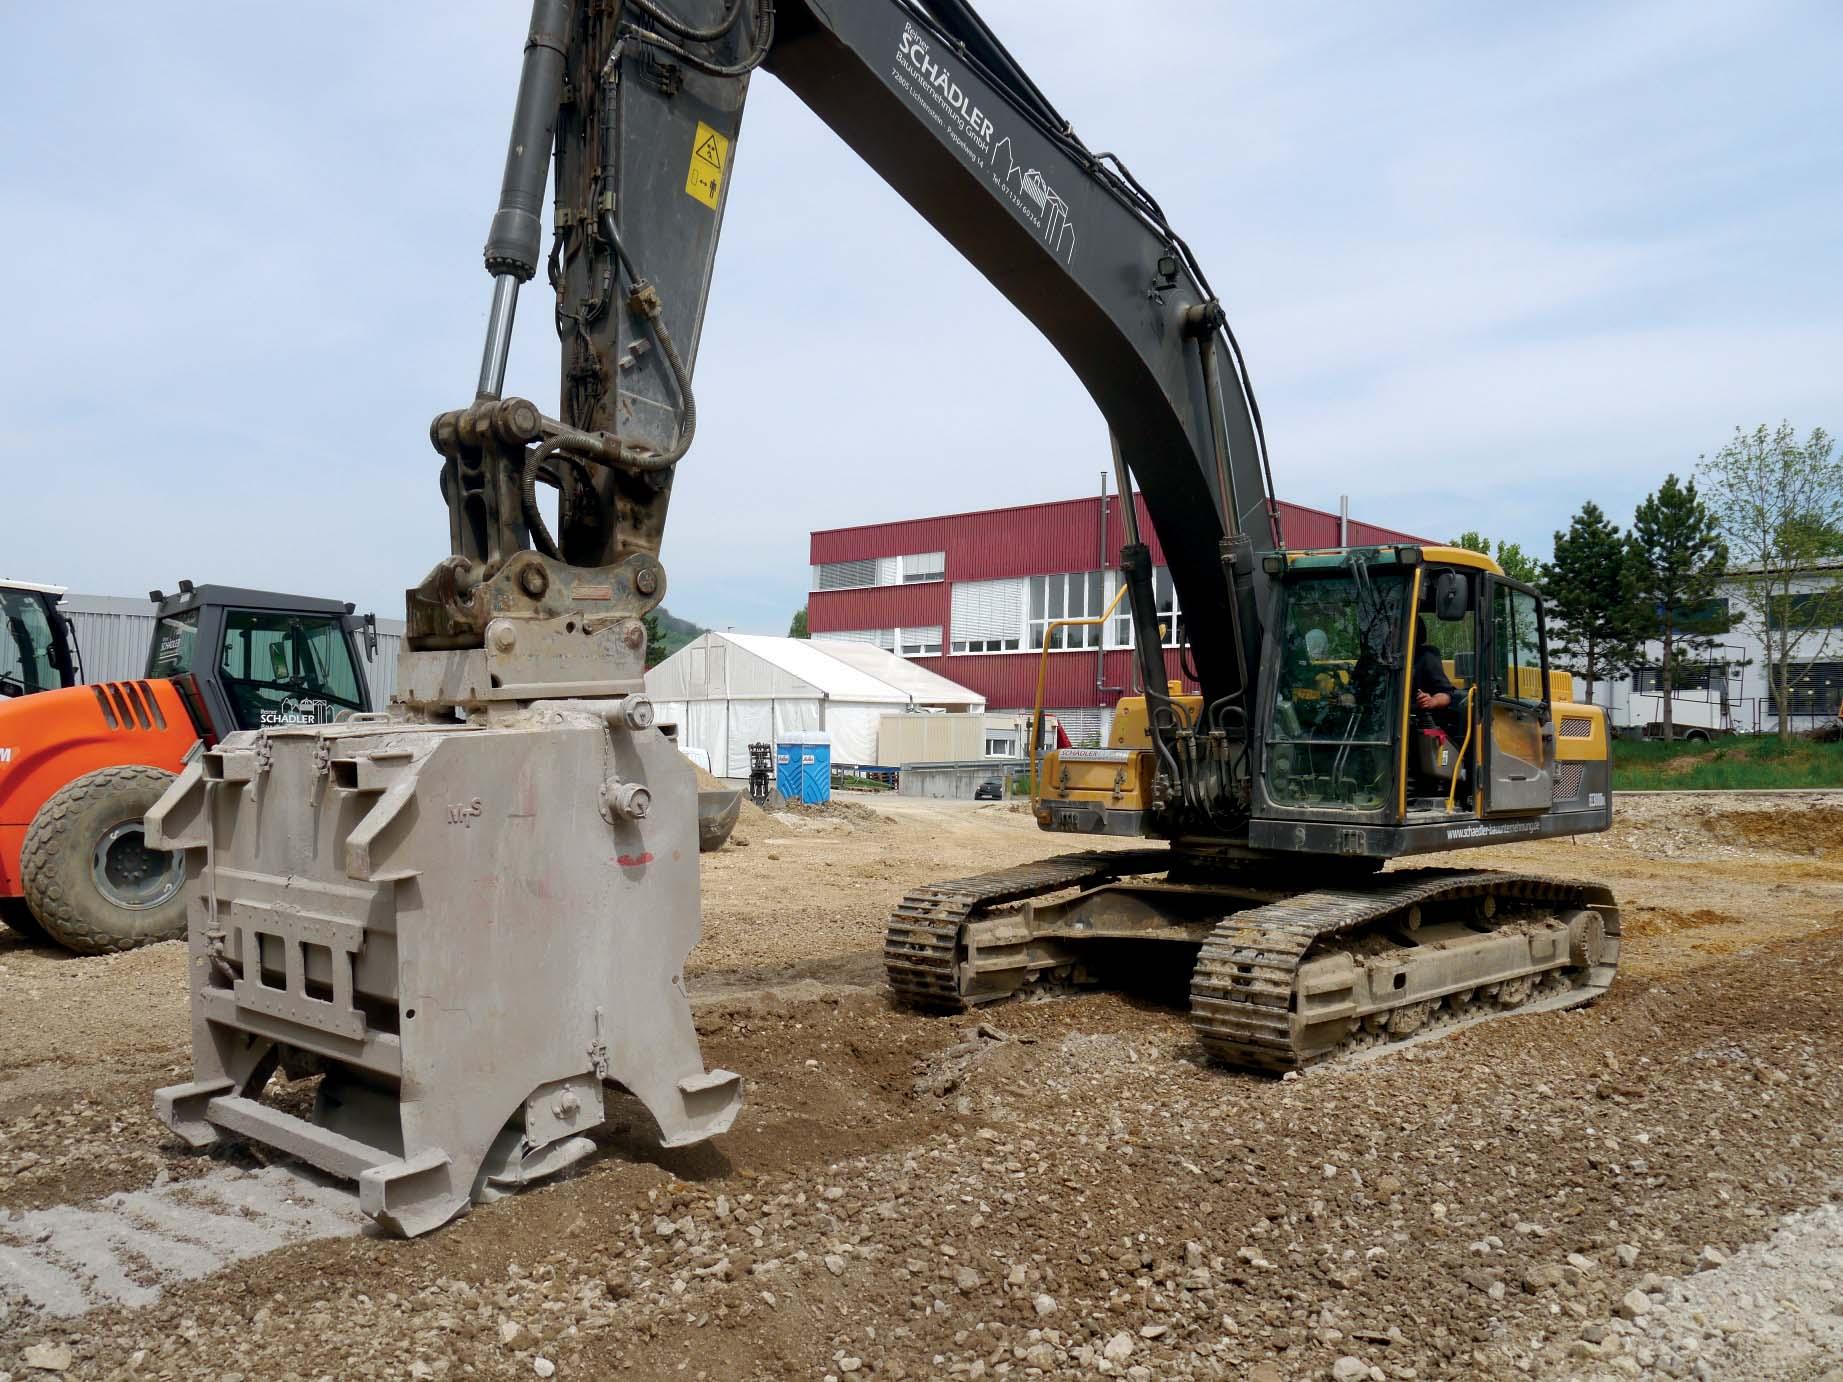 Stabilizzazione del terreno con l'escavatore: i molteplici impieghi della nuova fresa universale di Seppi M.